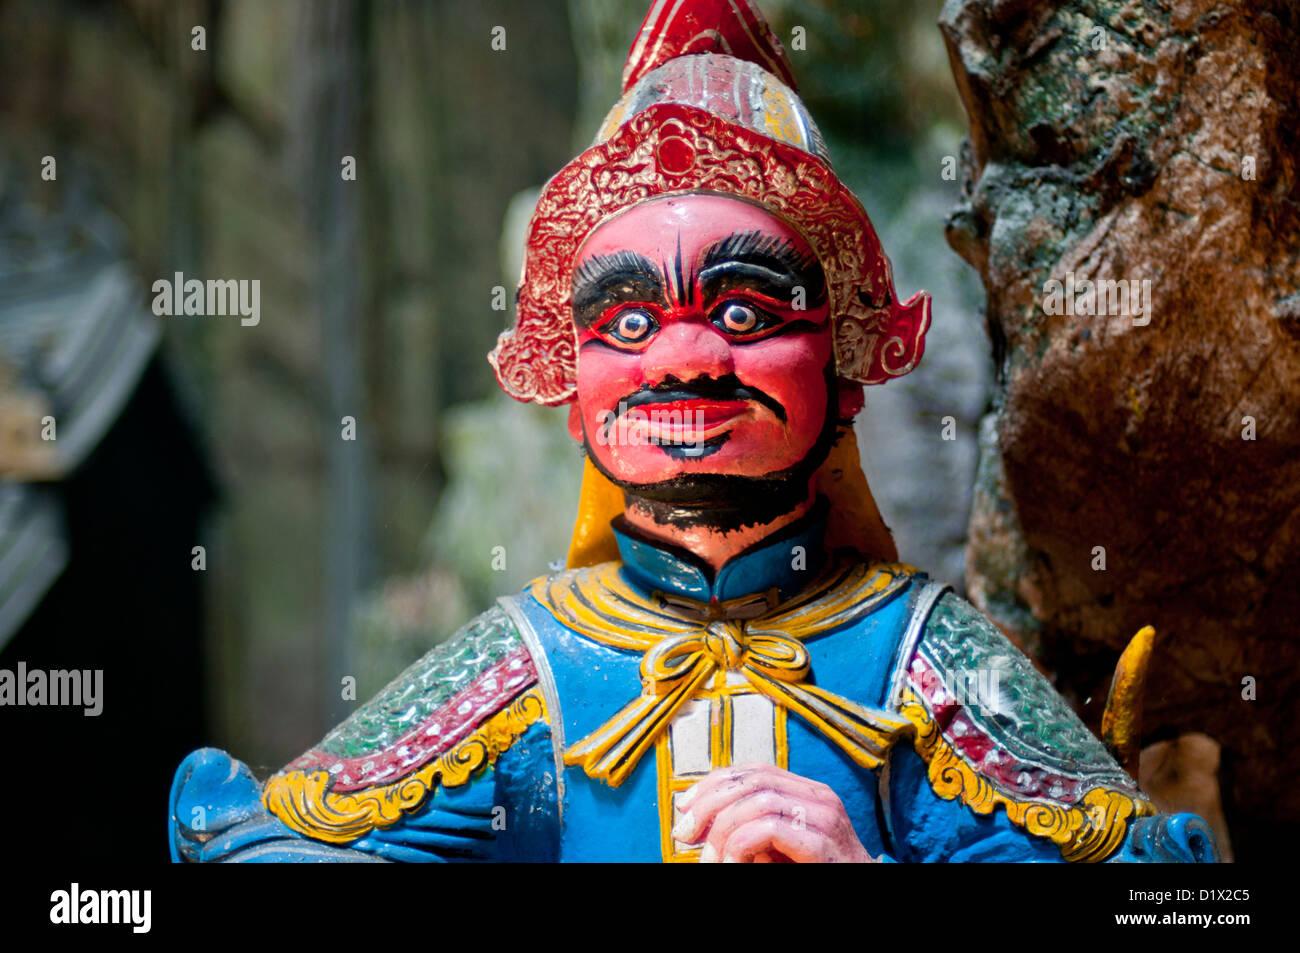 Administrative mandarin guard at entrance of Huyen Khong Cave, Thuy Son, Marble mountain (ngu hanh son), Danang, - Stock Image